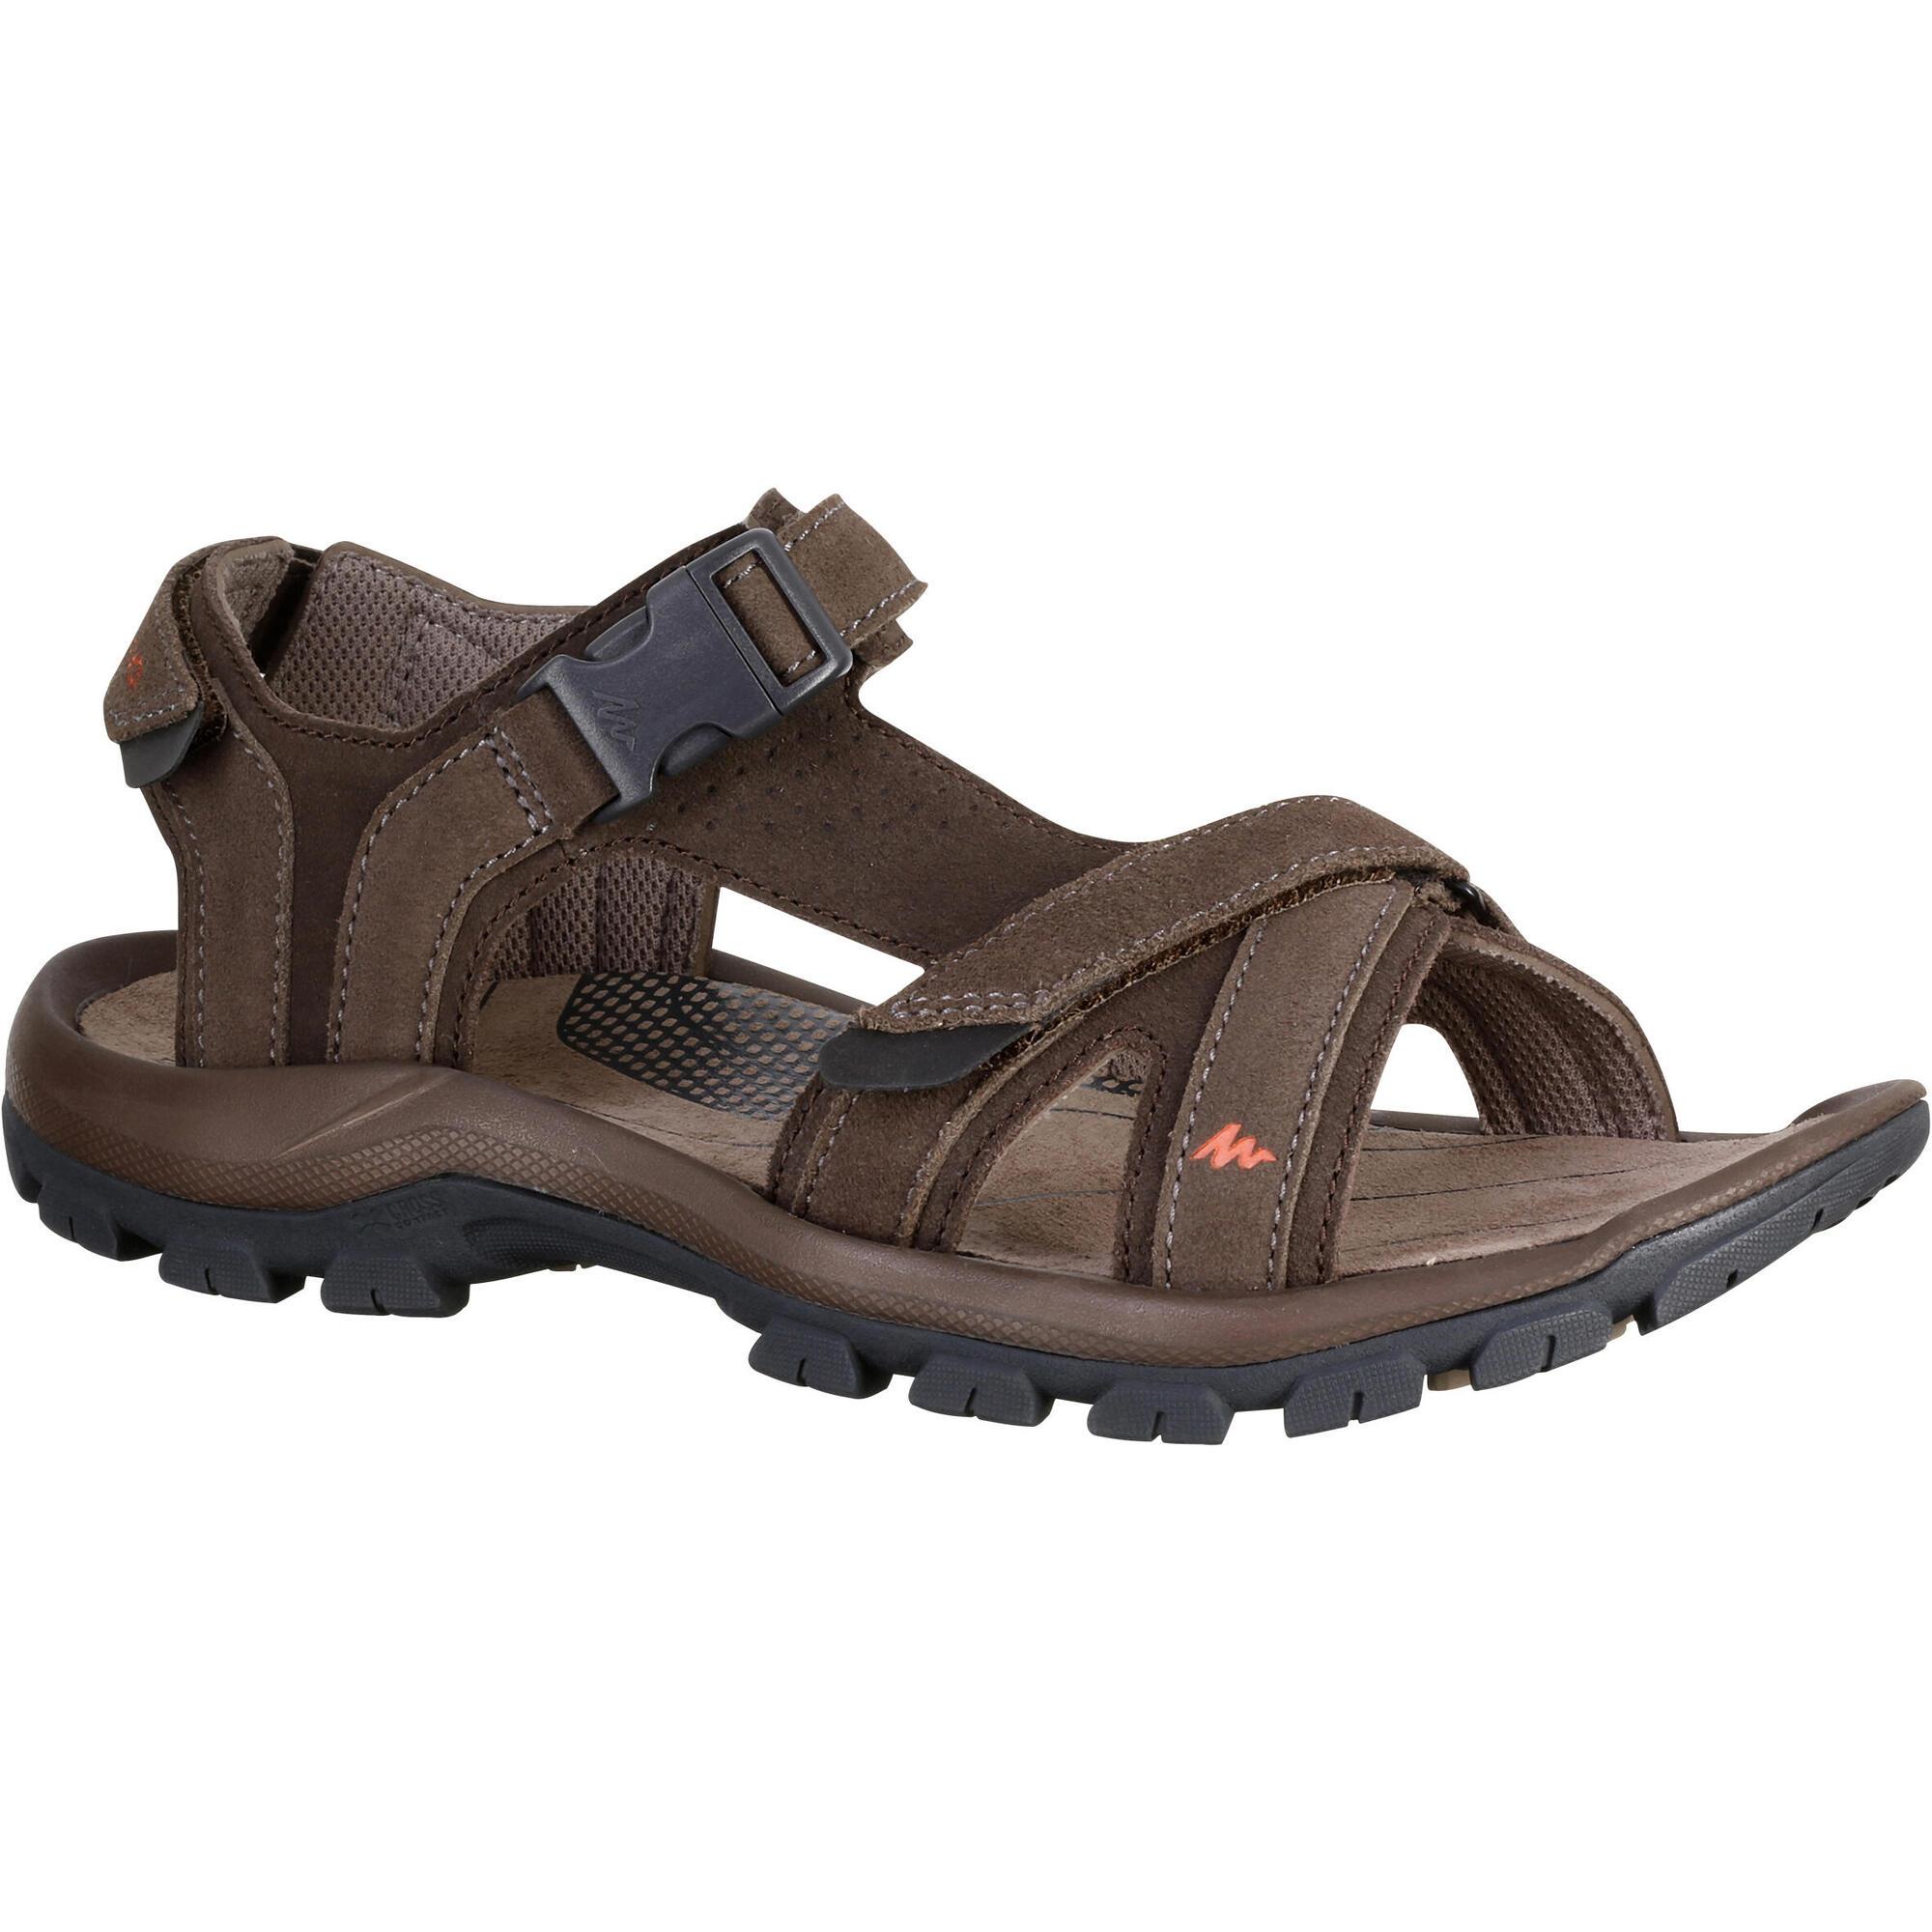 sandales de randonn e arpenaz 120 homme marron quechua. Black Bedroom Furniture Sets. Home Design Ideas